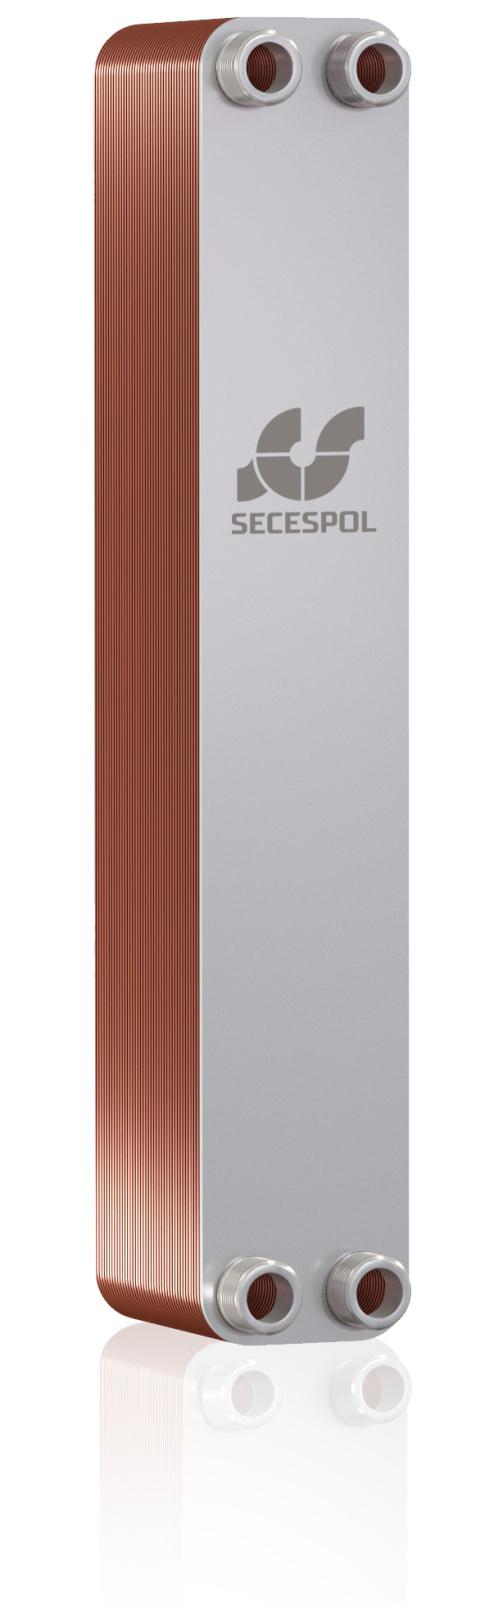 Пластинчатый теплообменник КС 42 Каспийск Пластинчатый теплообменник Sondex S37 (пищевой теплообменник) Владимир